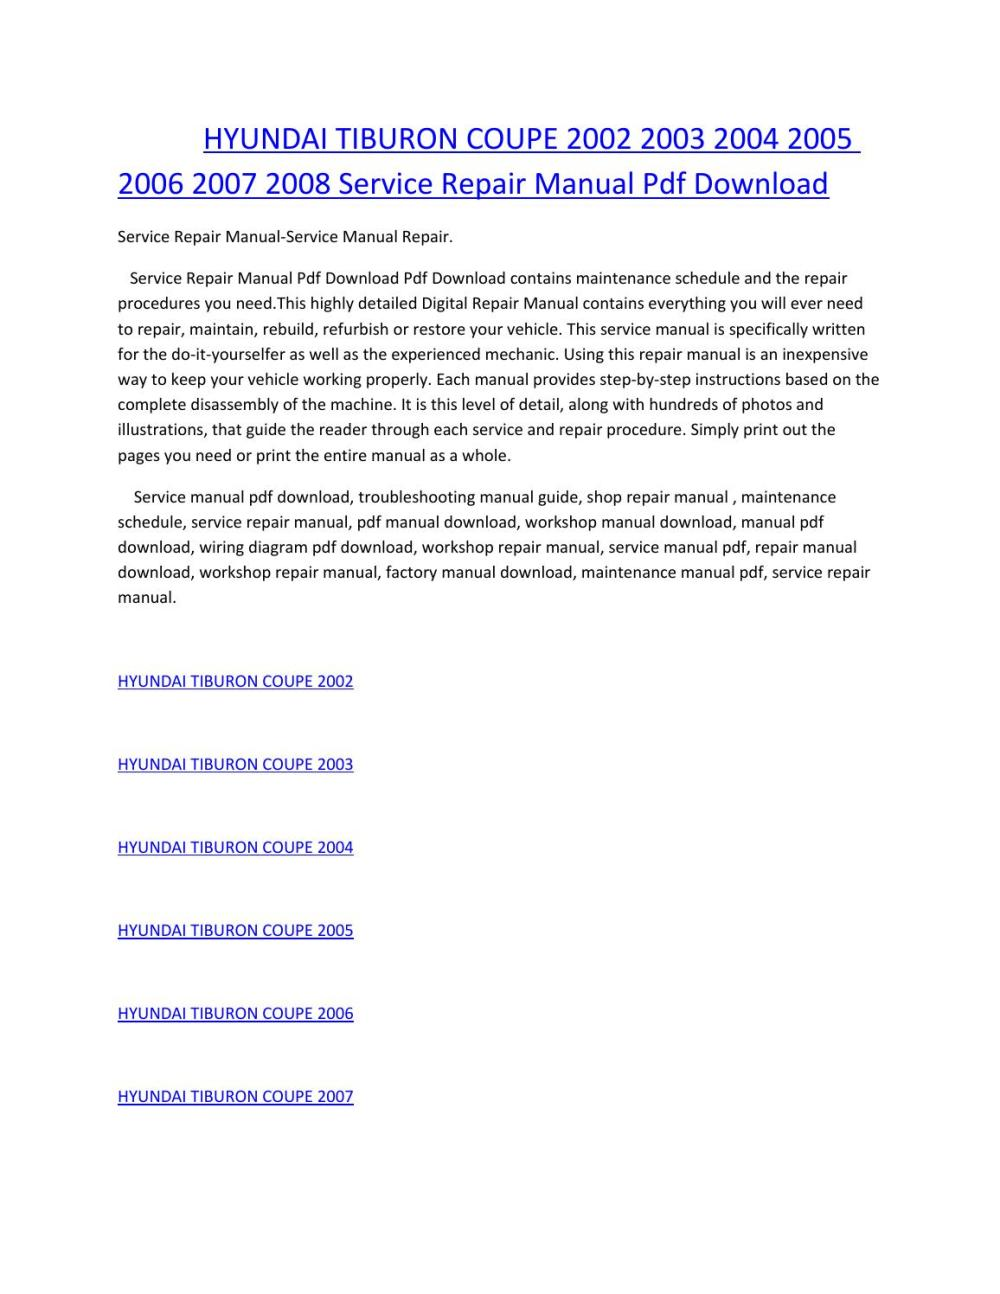 medium resolution of hyundai tiburon coupe 2002 2003 2004 2005 2006 2007 2008 service manual repair pdf download